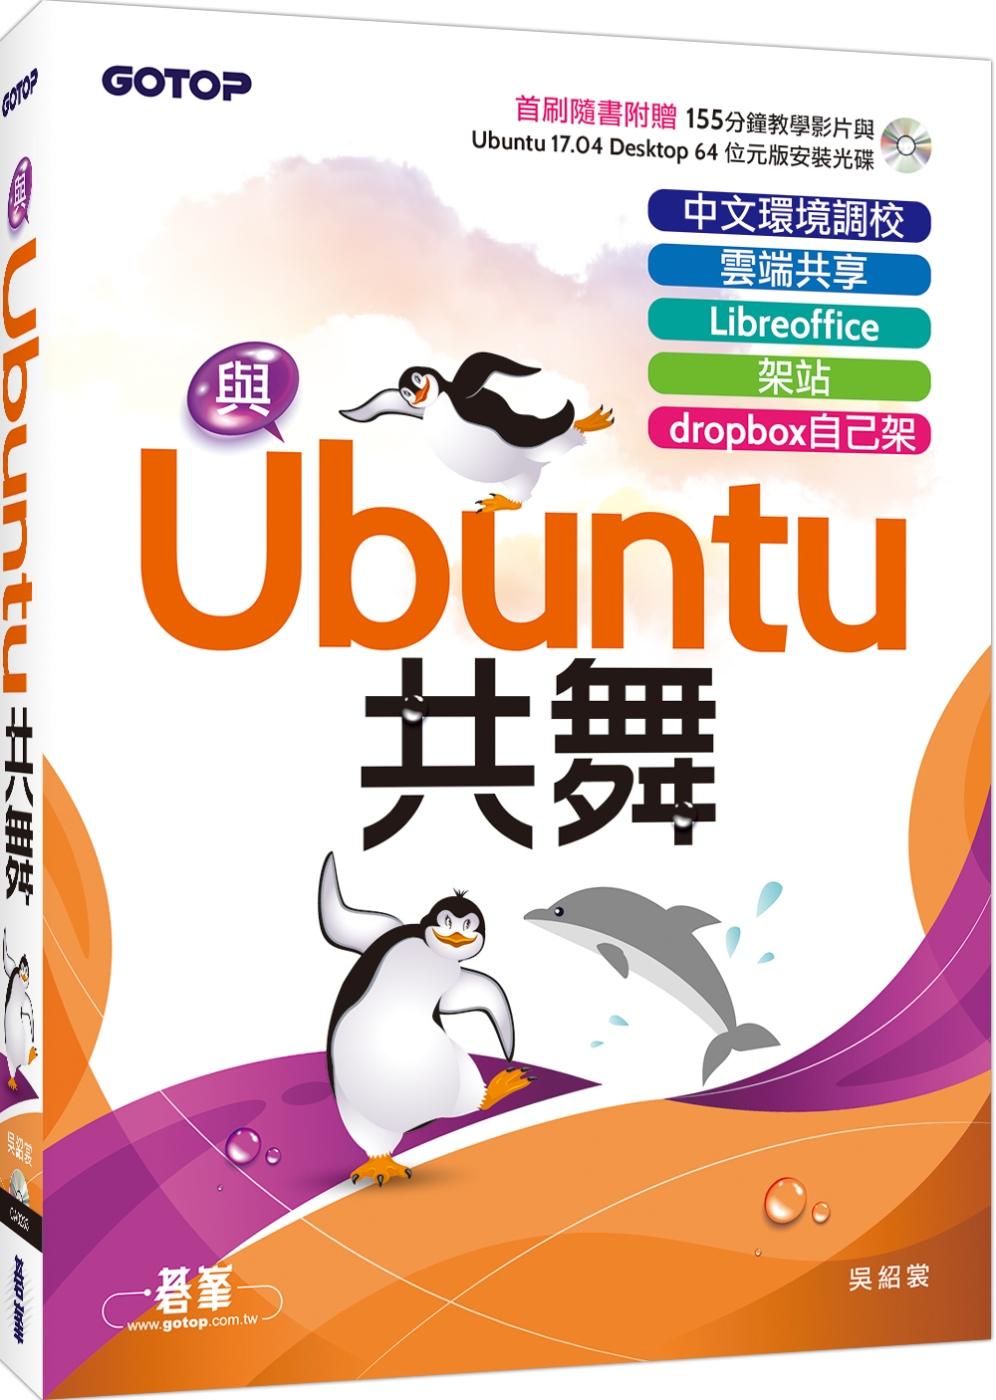 與Ubuntu共舞:中文環境調校x雲端共享x Libreoffice x 架站 x dropbox自己架(隨書附贈教學影片與Ububntu安裝光碟)